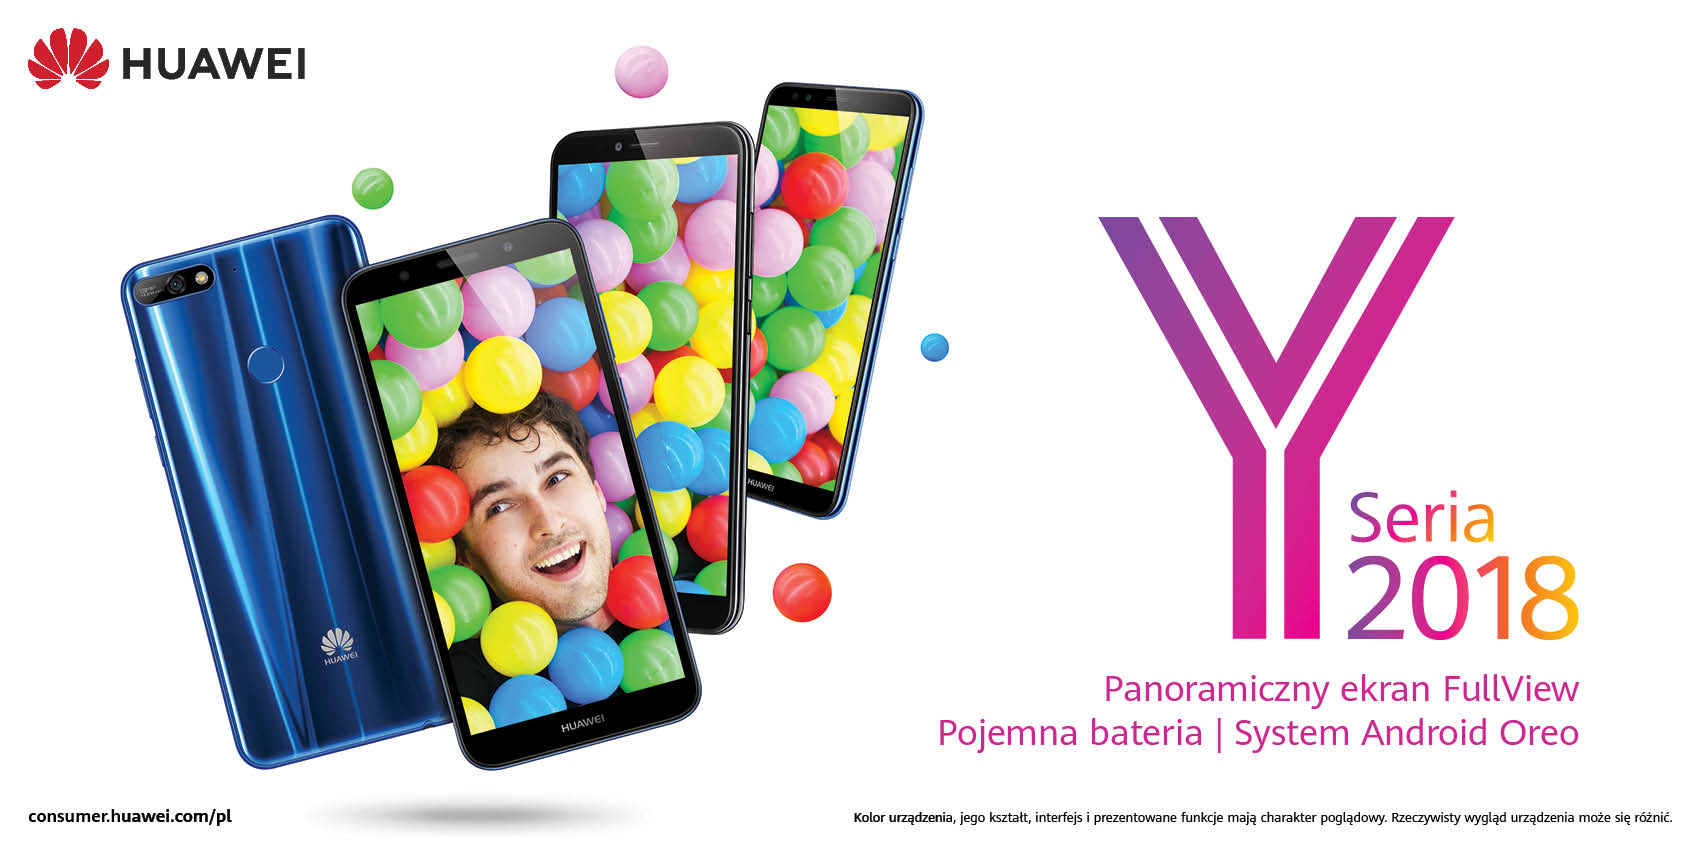 Huawei wprowadza na polski rynek modele Y7 Prime 2018, Y6 Prime 2018, Y6 2018 i Y5 2018. Znamy ich ceny 17